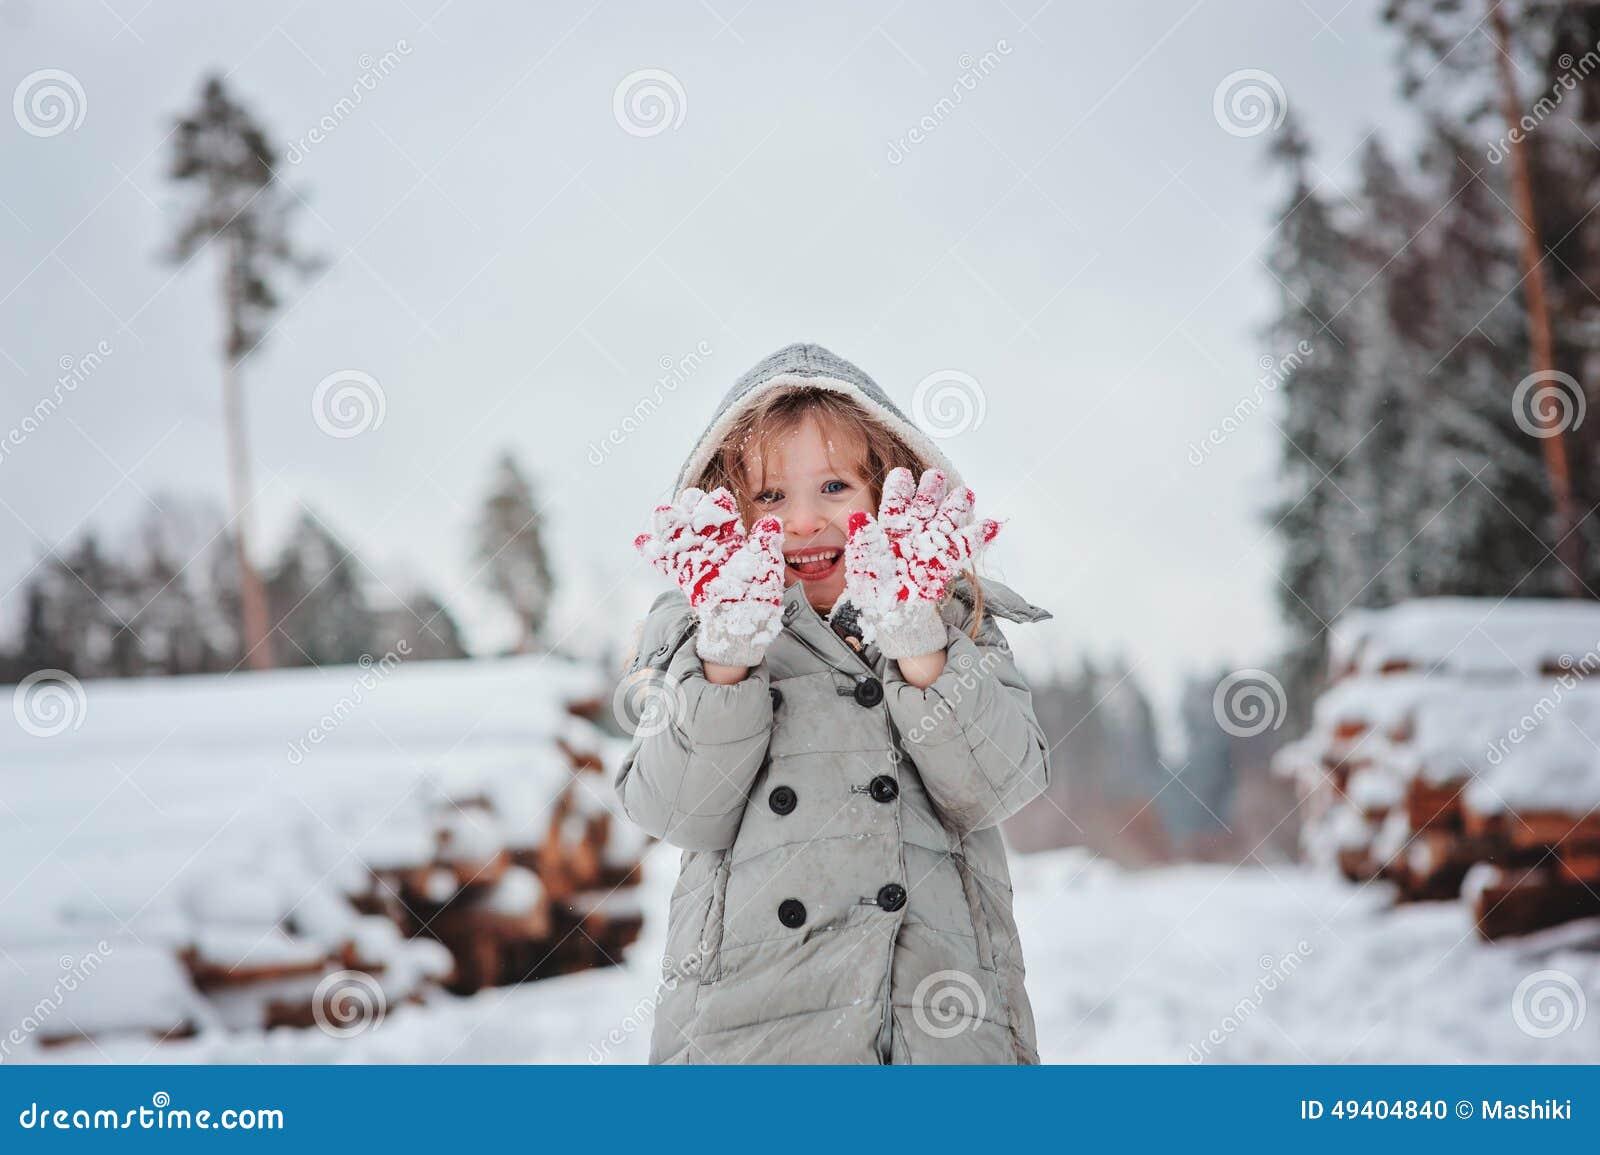 Download Nettes Glückliches Kindermädchenporträt Auf Dem Weg Im Schneebedeckten Wald Des Winters Stockfoto - Bild von lachen, kalt: 49404840